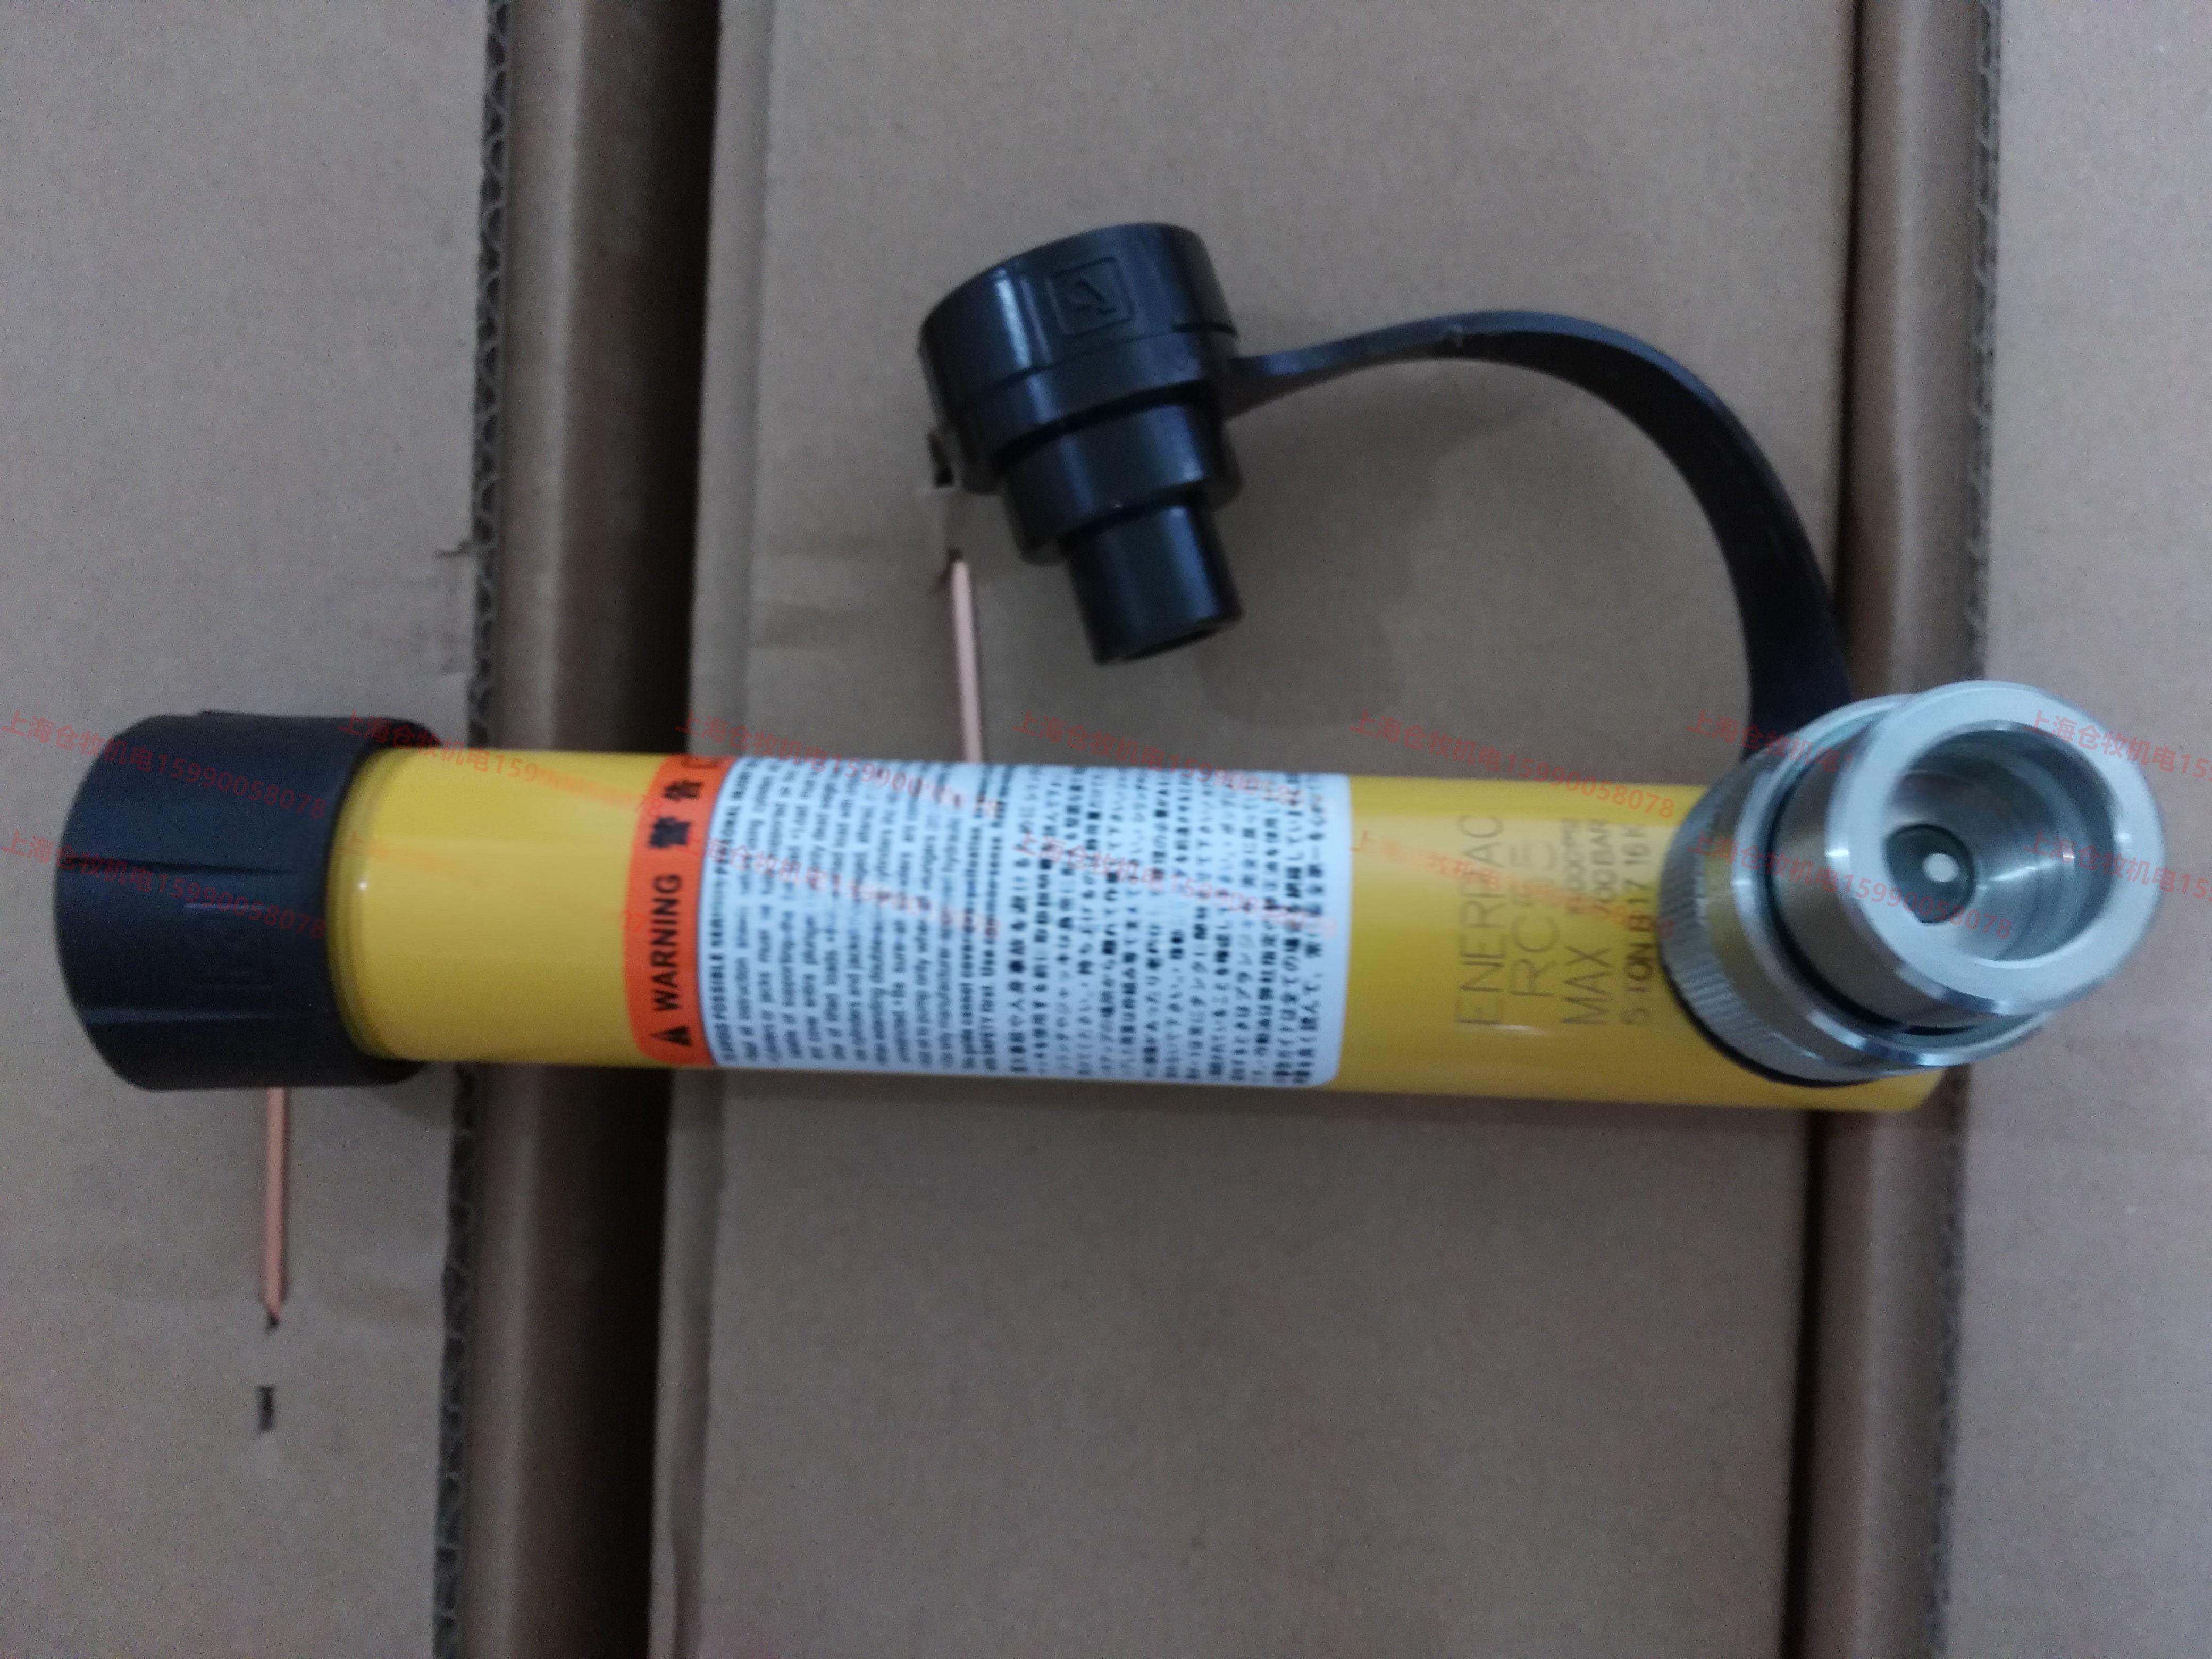 进口enerpac恩派克液压油缸千斤顶rc-55图片